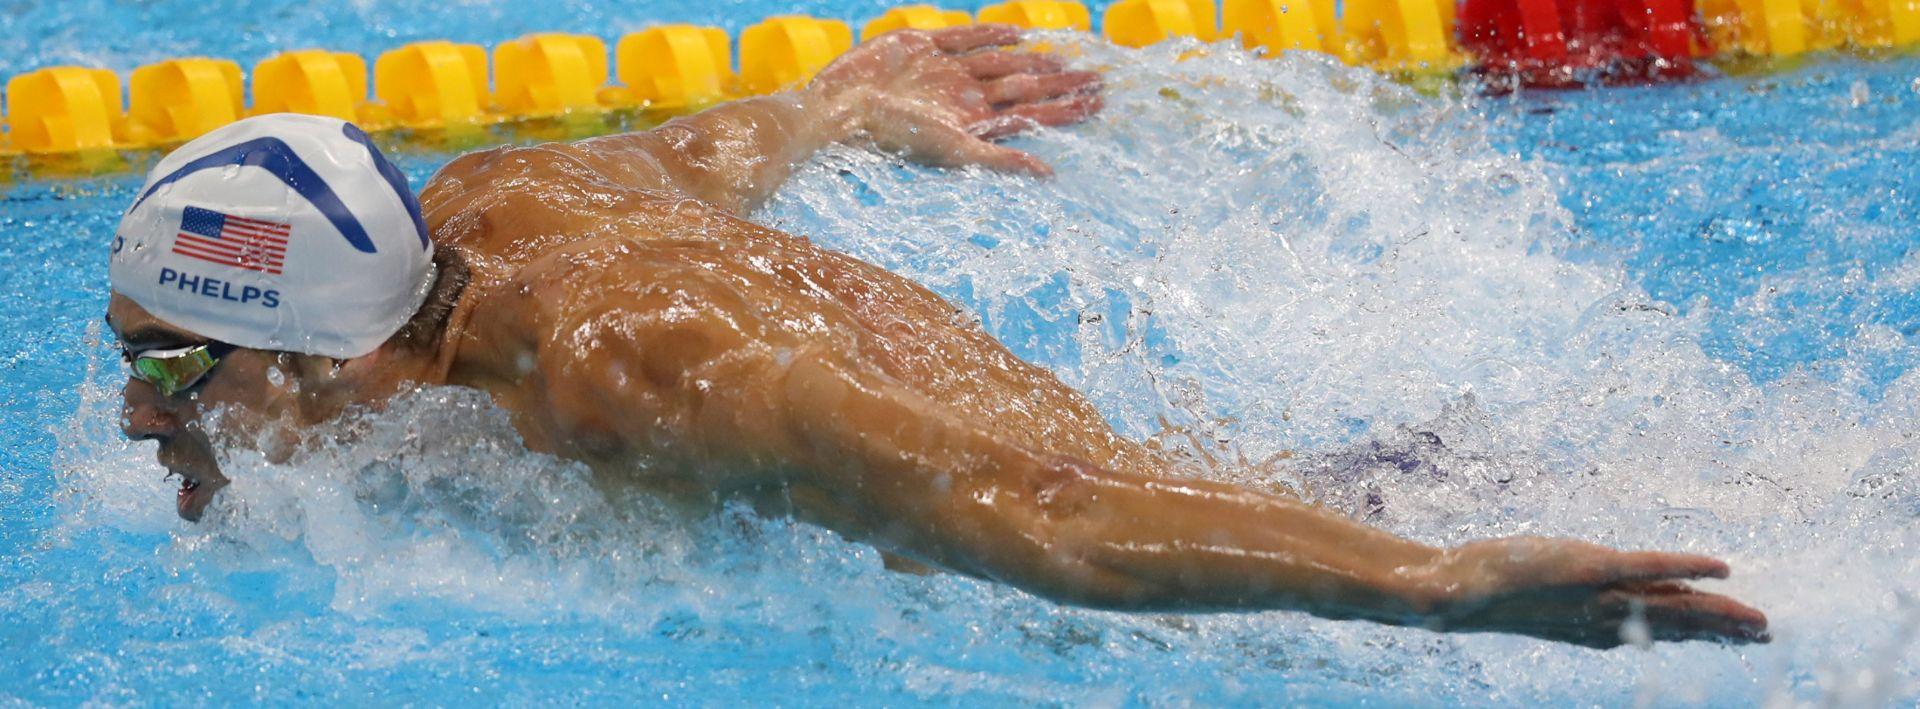 RUŠI SVE REKORDE: Phelps opet za povijest